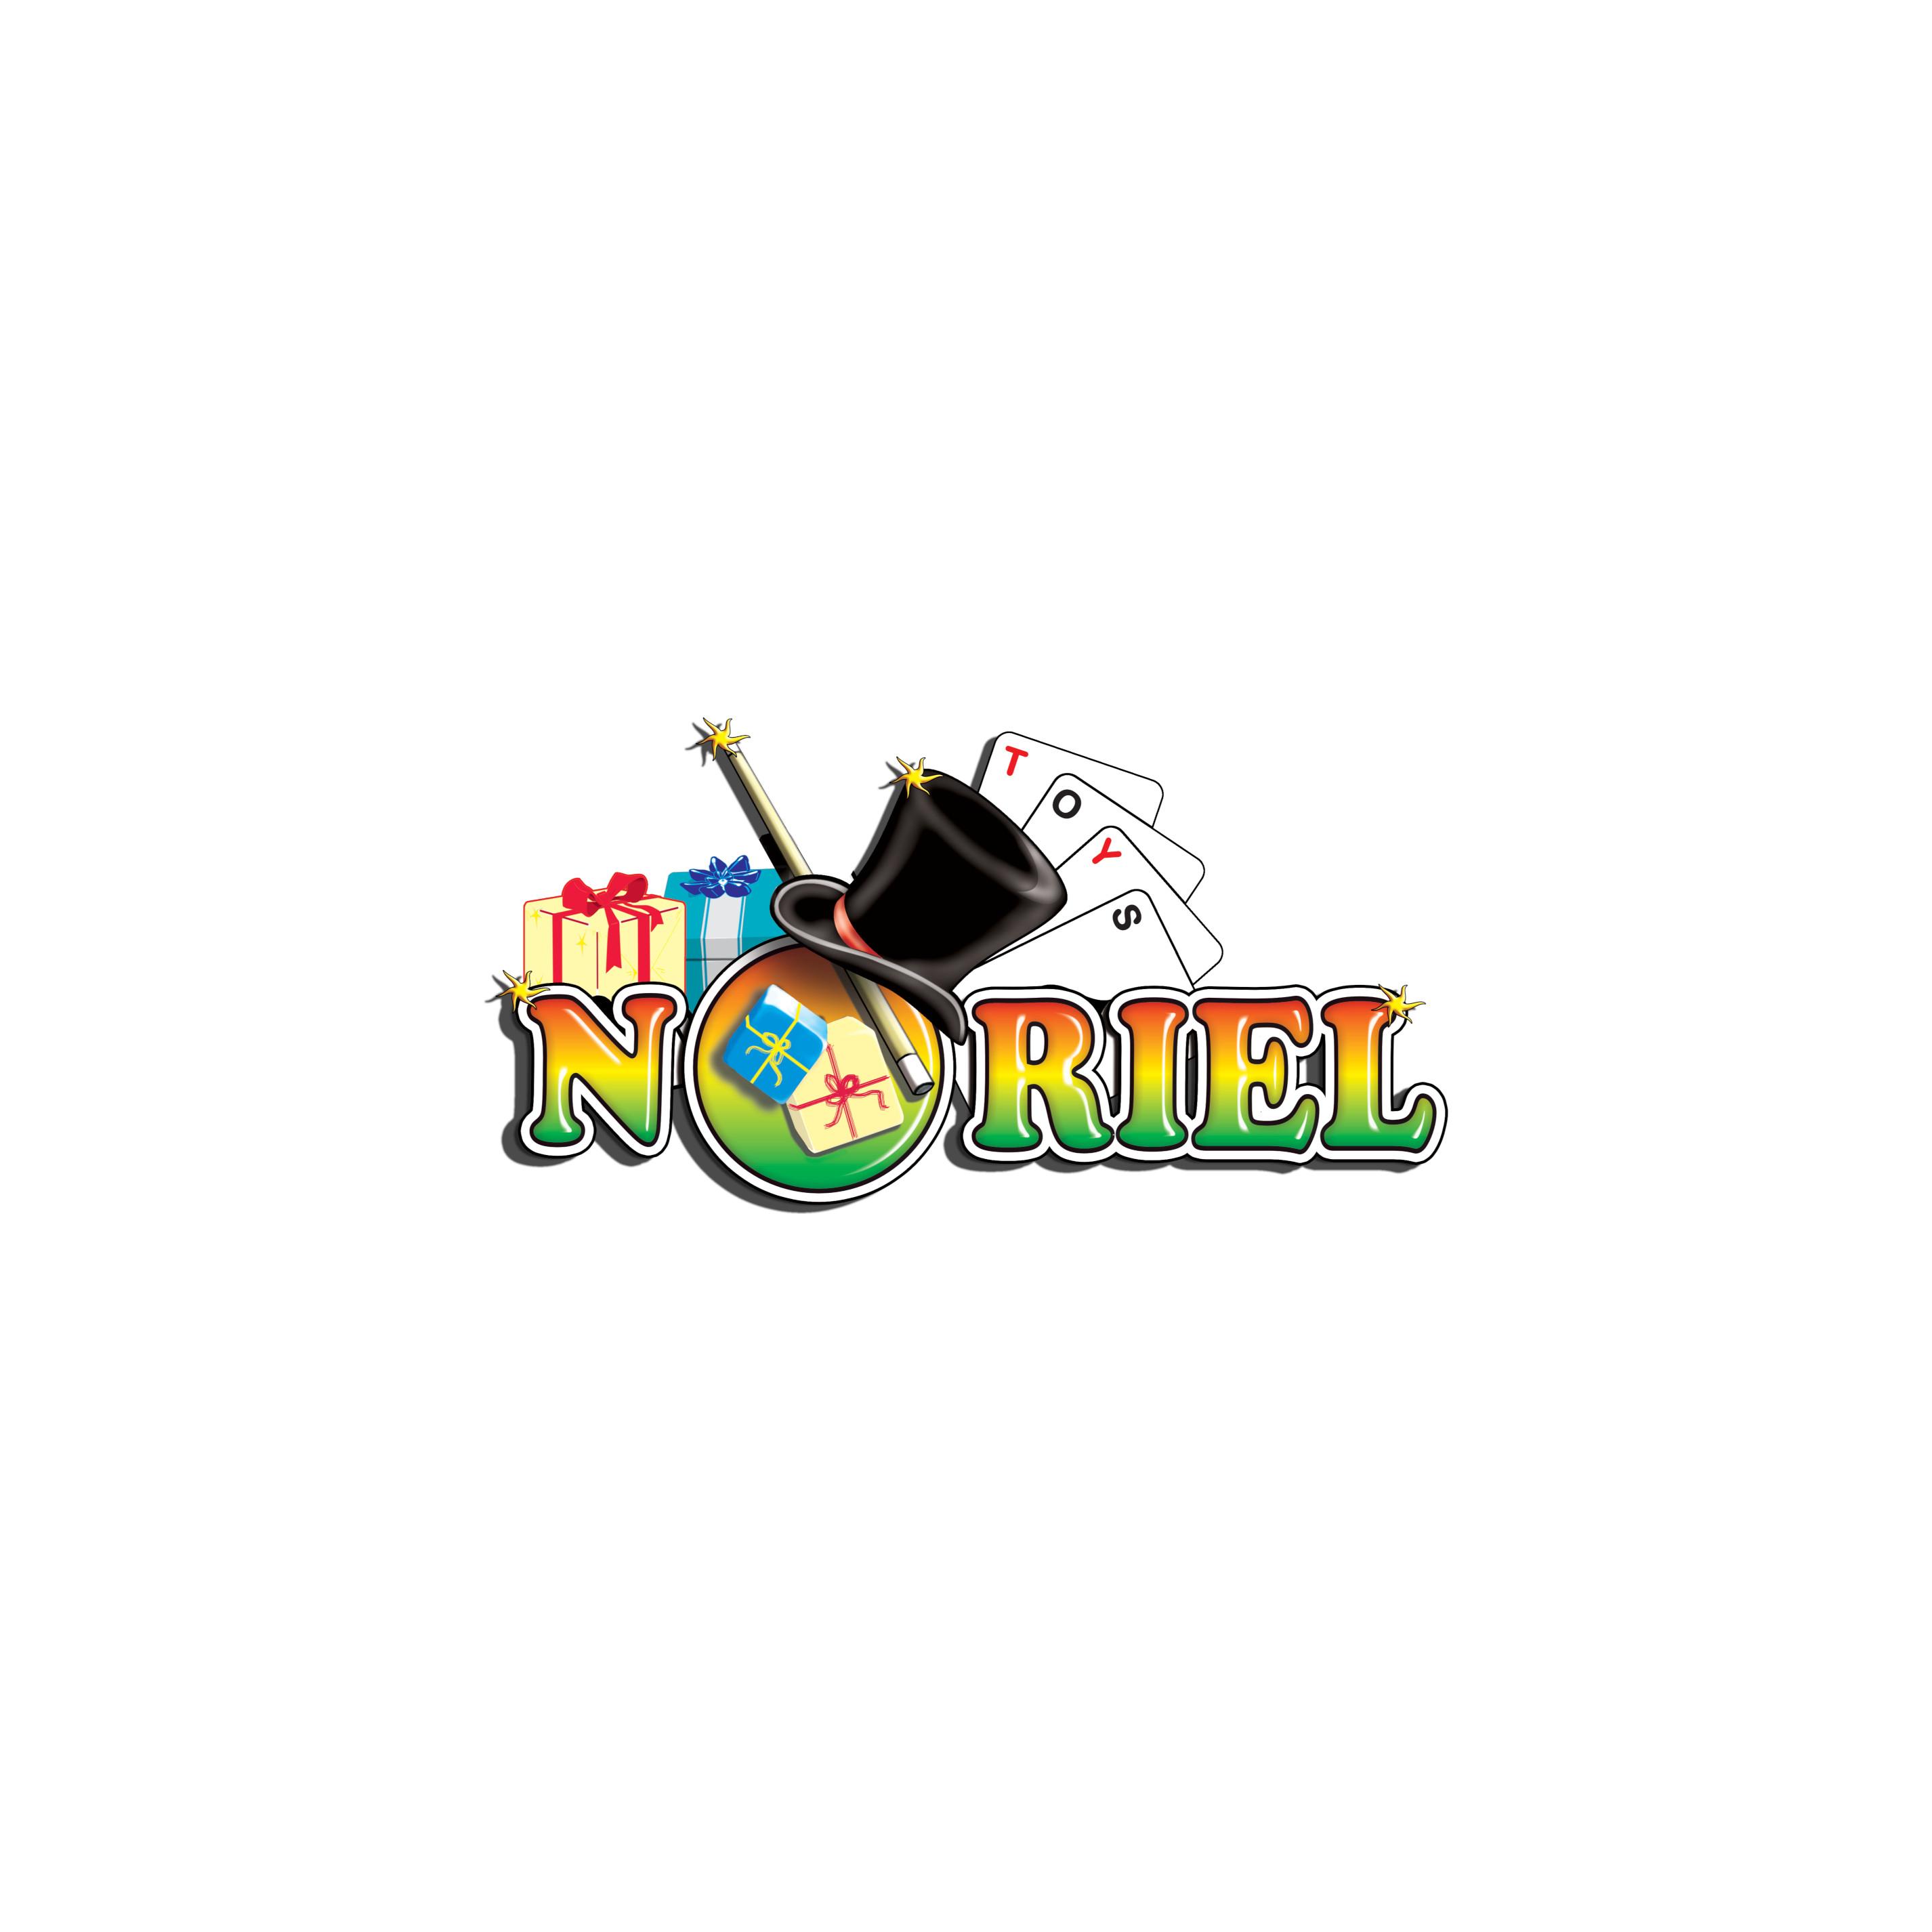 Figurina Incredibles 2 - Domnul Incredibil, 10 cm